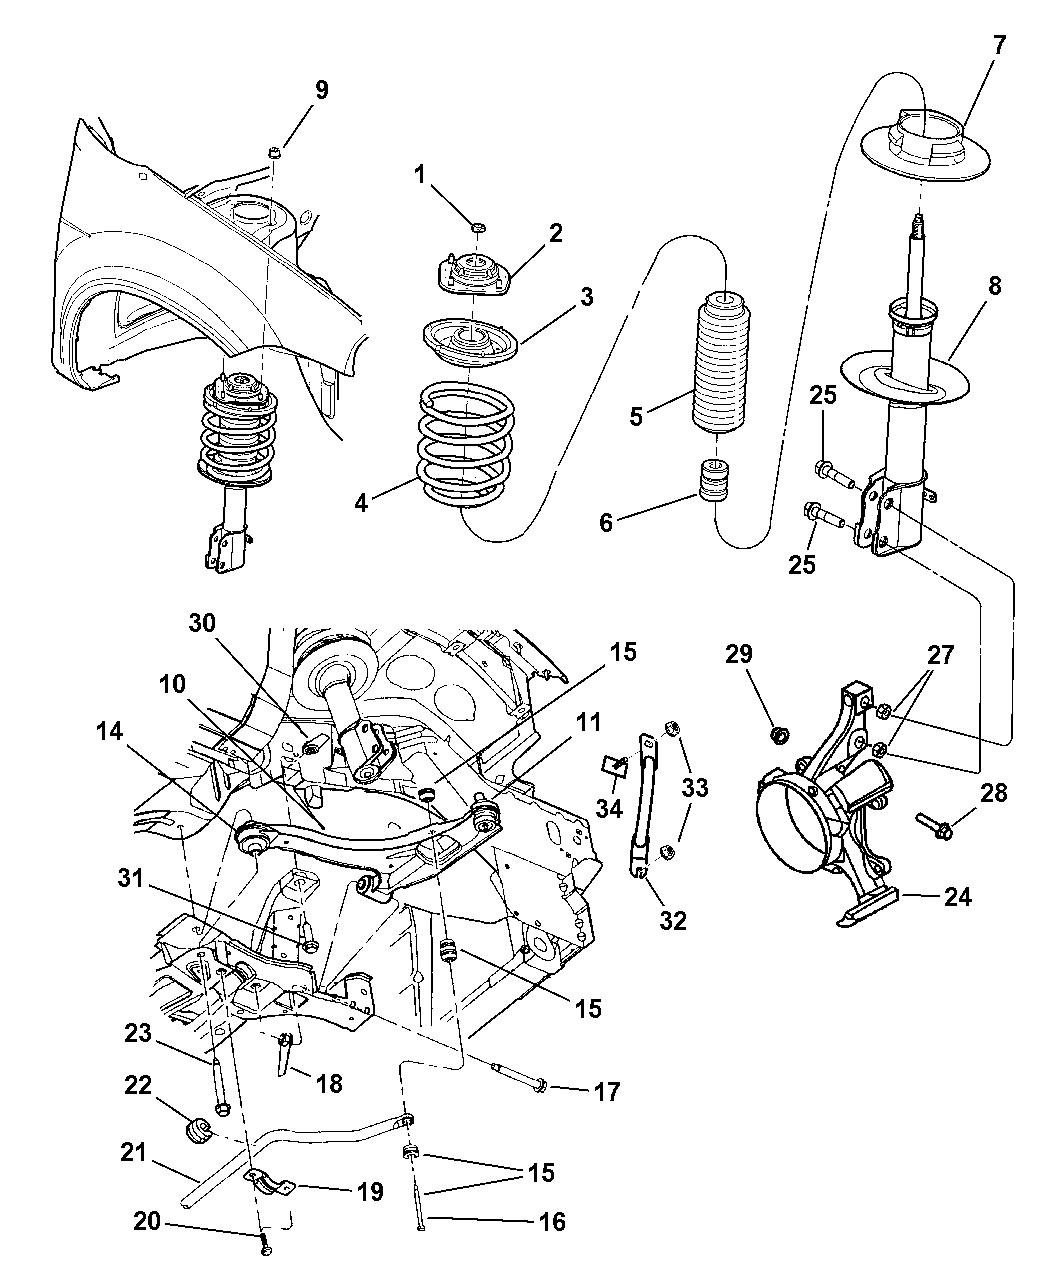 4656694ac - genuine mopar strut-front suspension dodge neon suspension diagram mazda 6 front lower control arm mopar parts giant